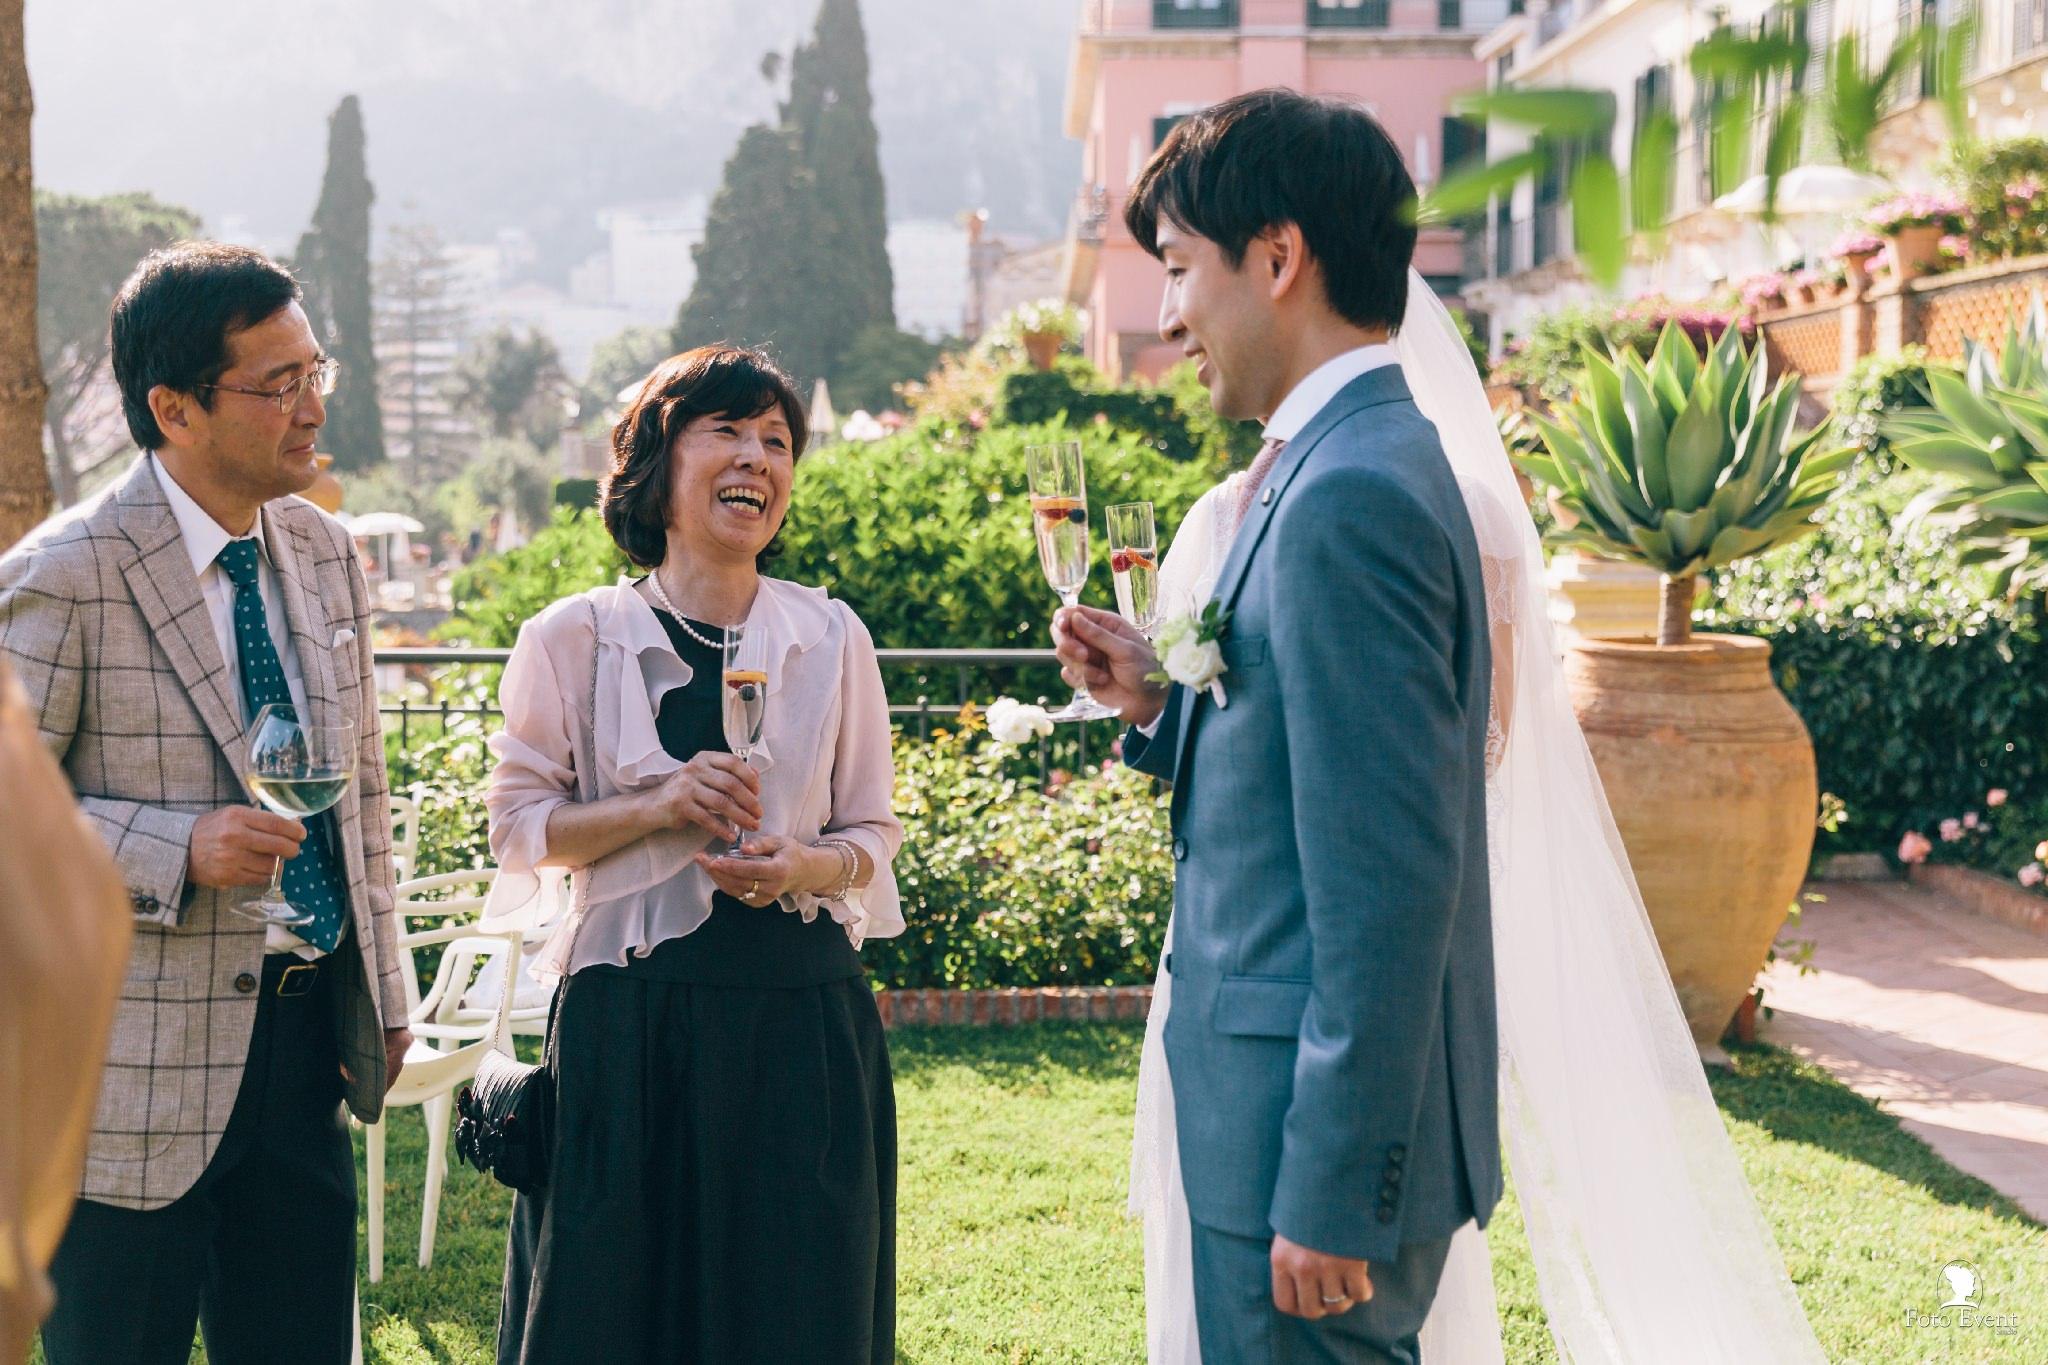 356-2019-06-14-Wedding-Yume-e-Makoto-Isee-5DE-792